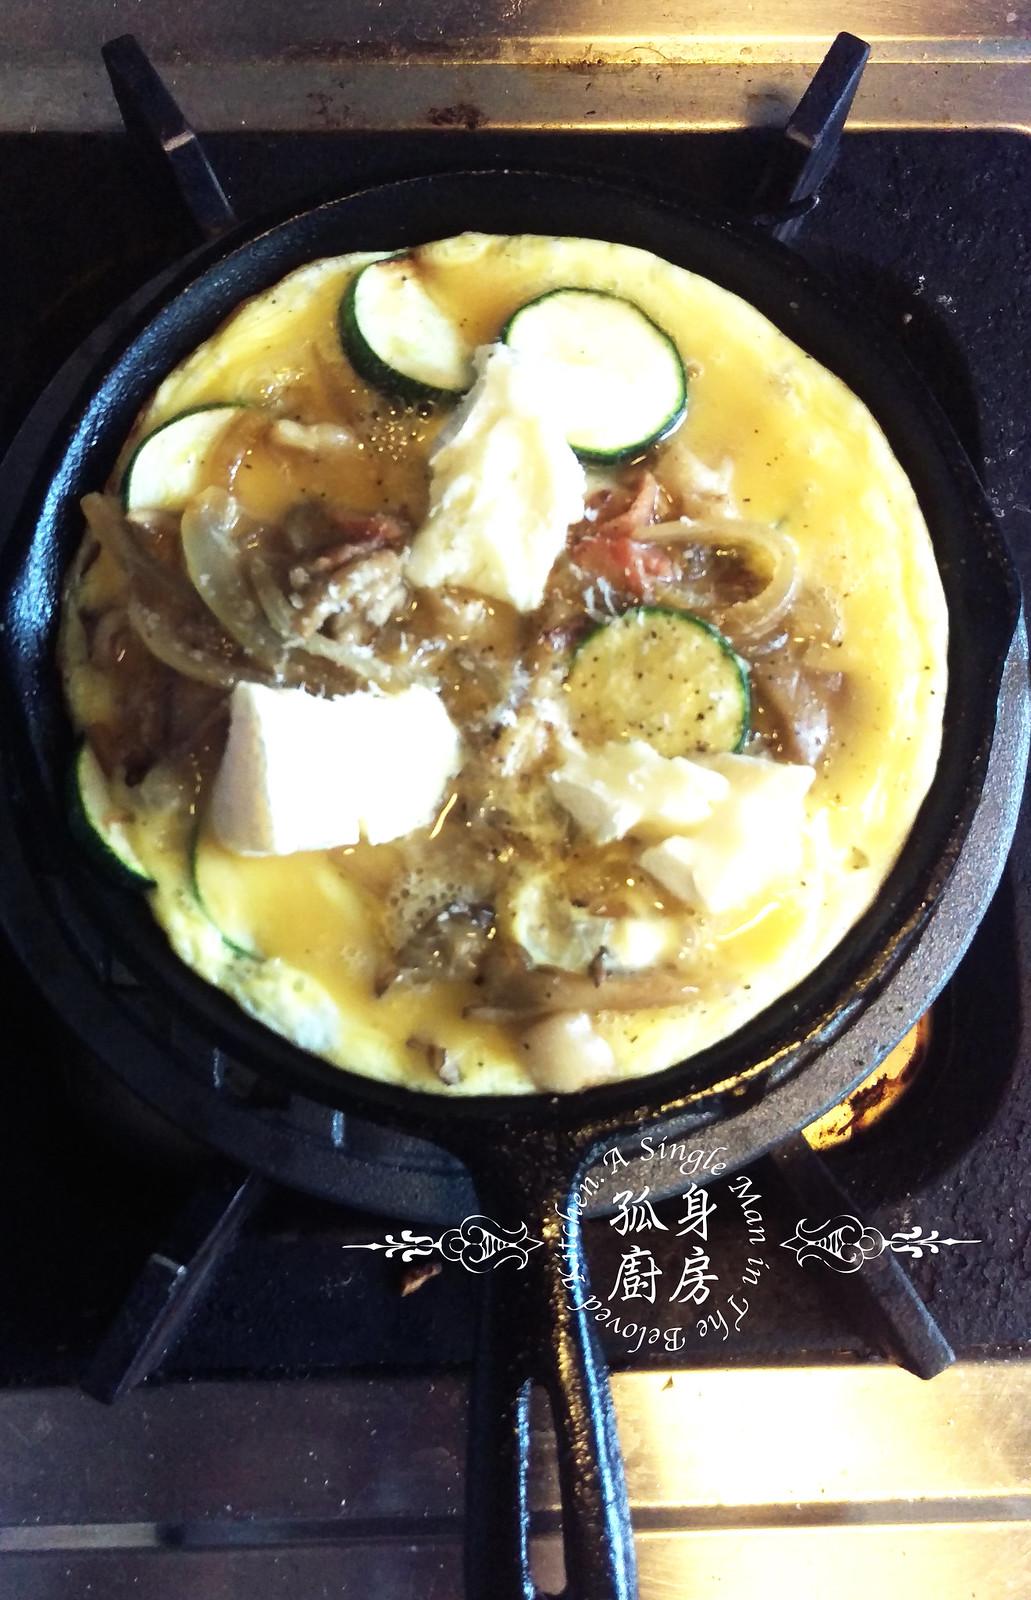 孤身廚房-清冰箱簡單早午餐!培根野菇櫛瓜義式烘蛋Frittata18